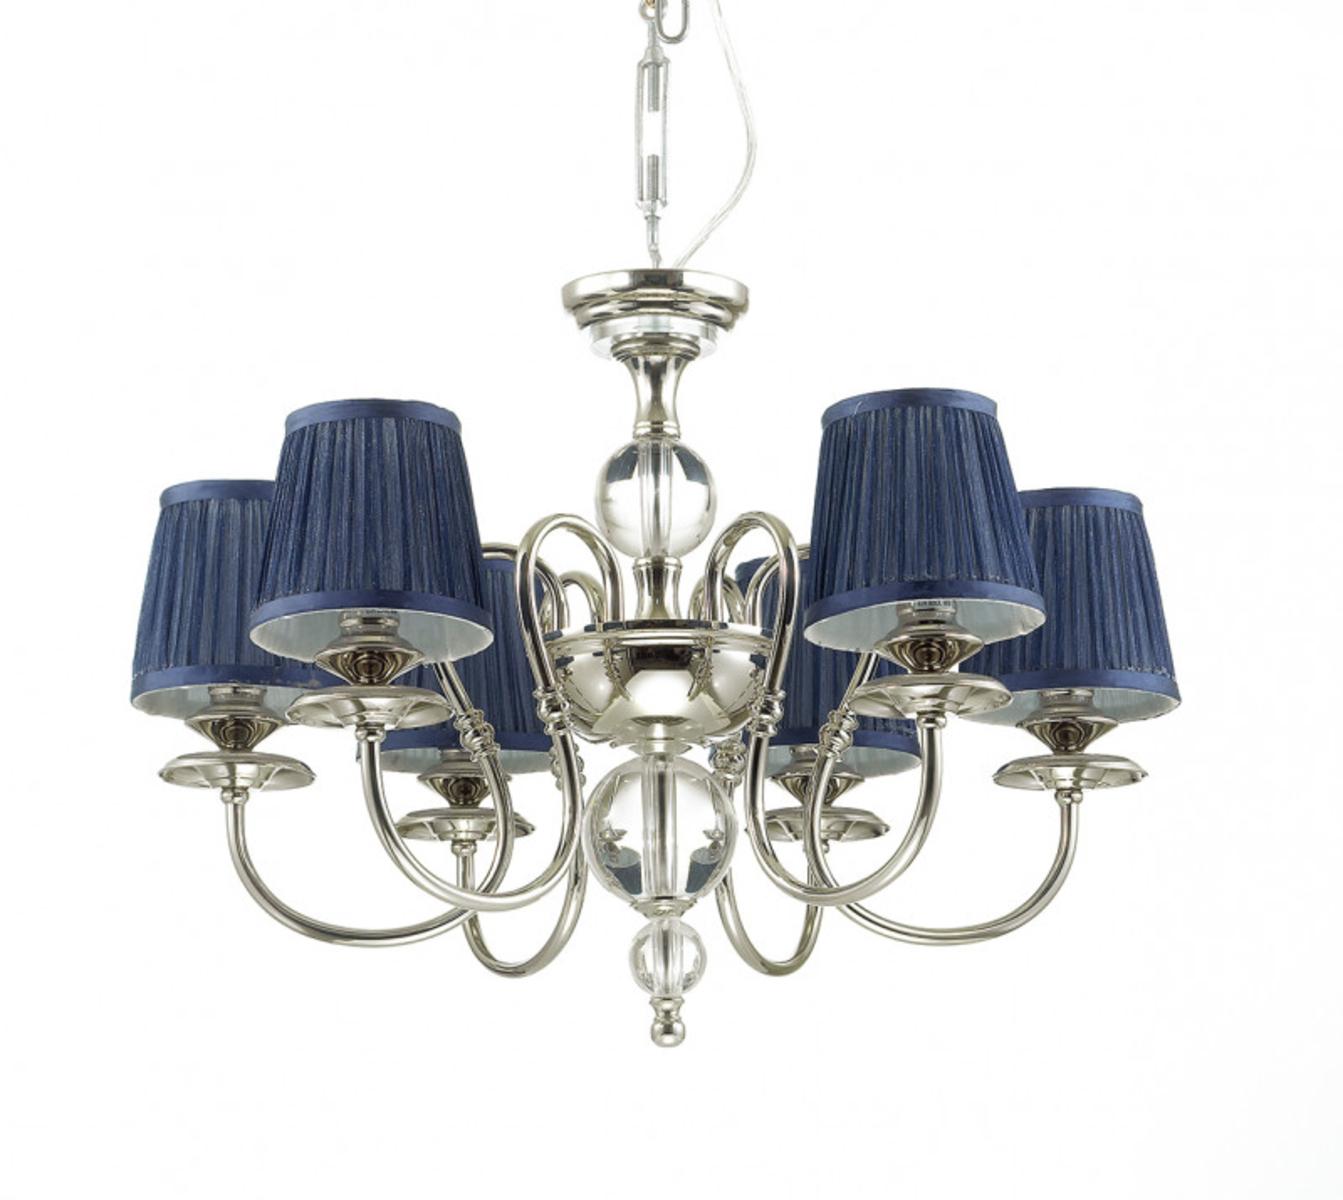 Купить Подвесная люстра MIRELLA Подвесная люстра Odeon Light 4191/6 (15503), HomeMe